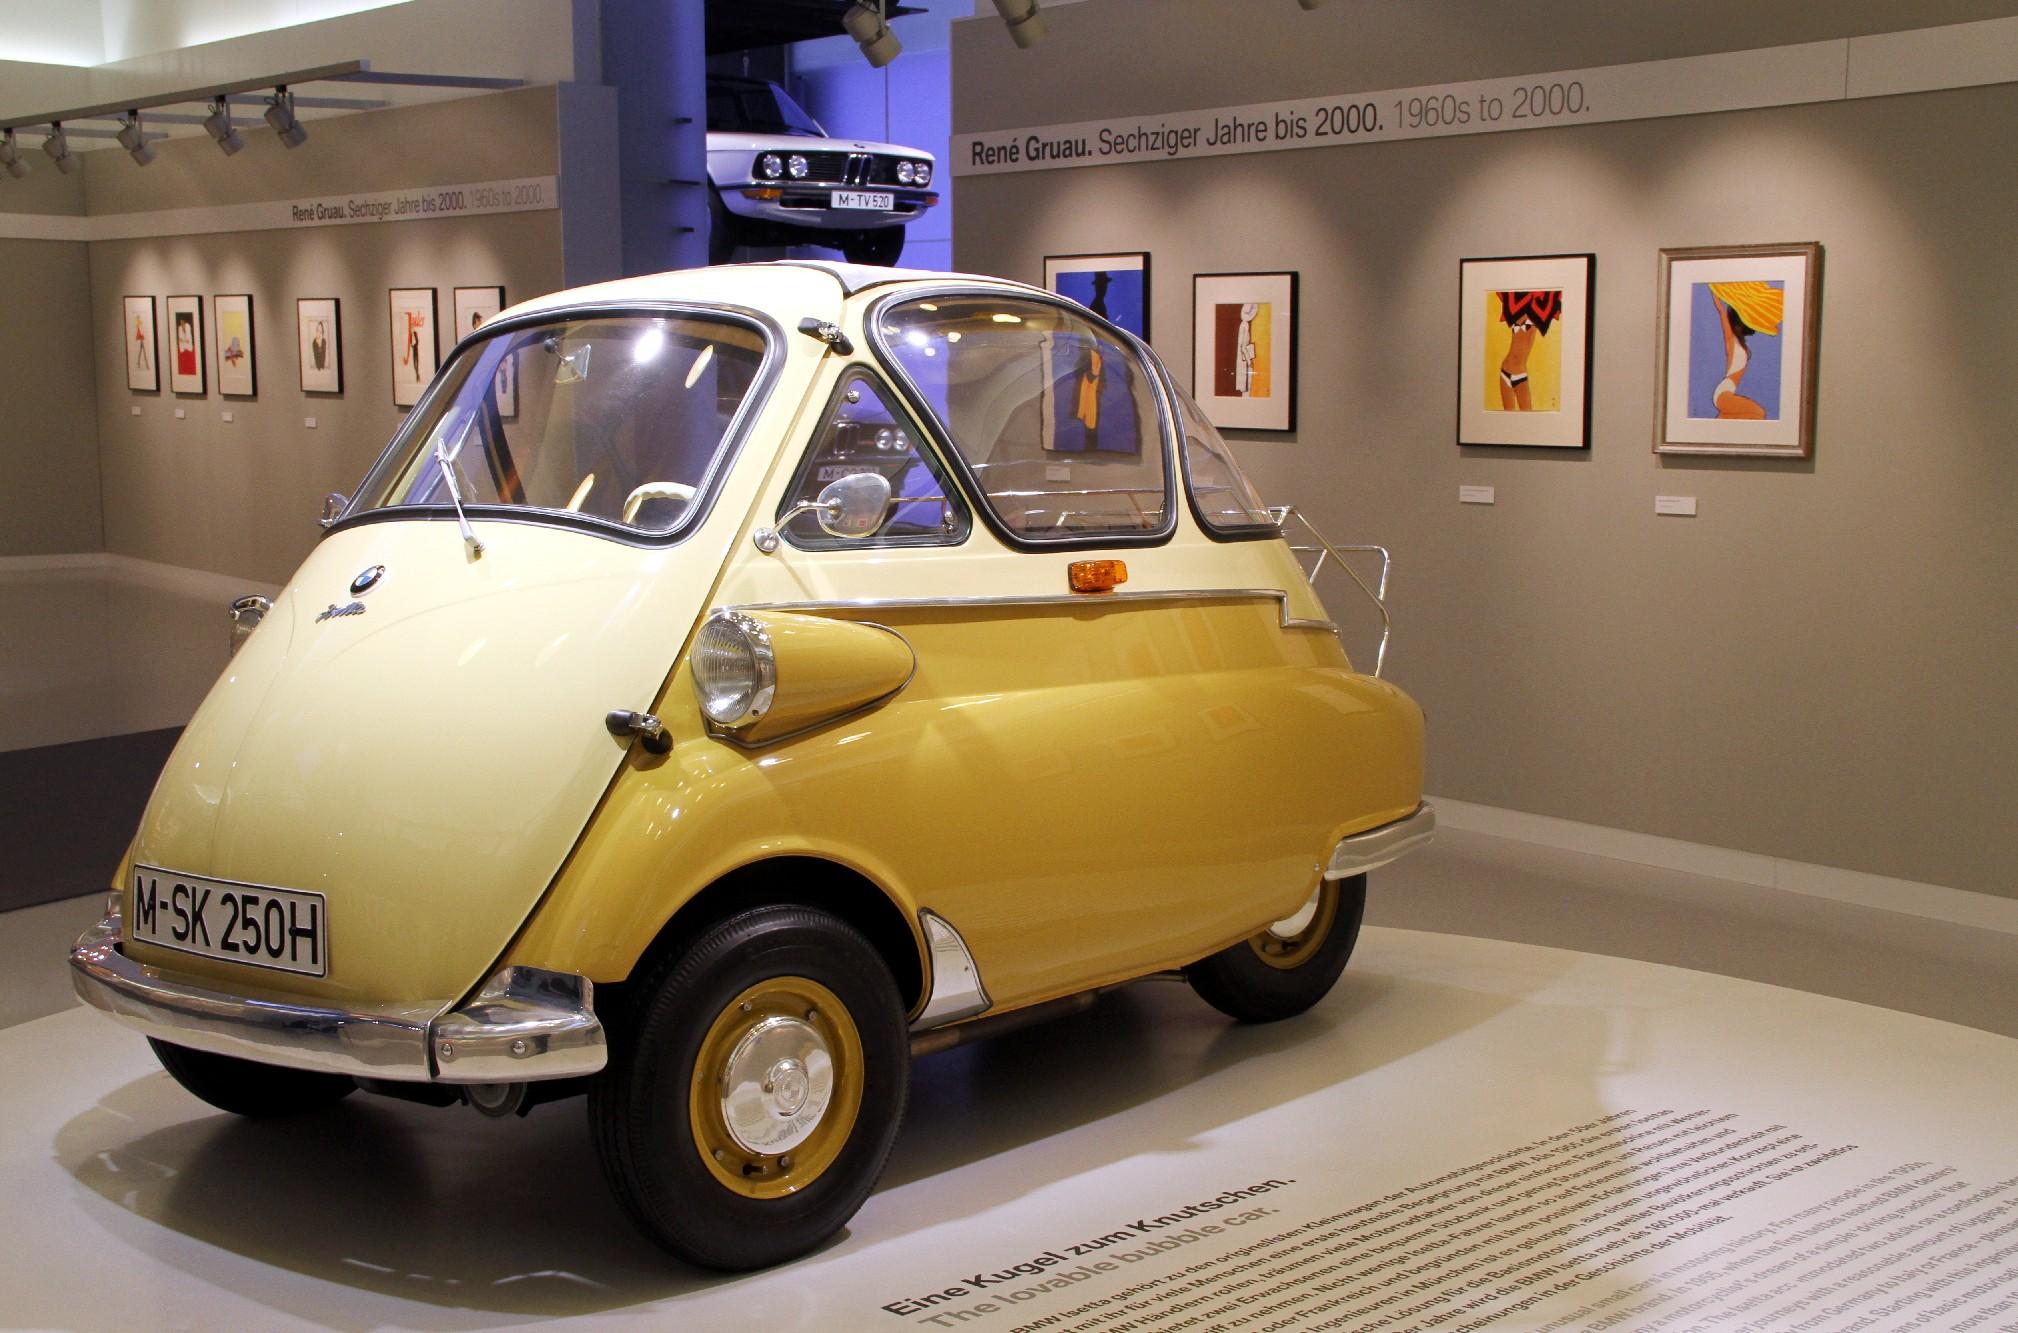 Modelo Isetta Motocoupé, em exibição no Museu da BMW, em Munique